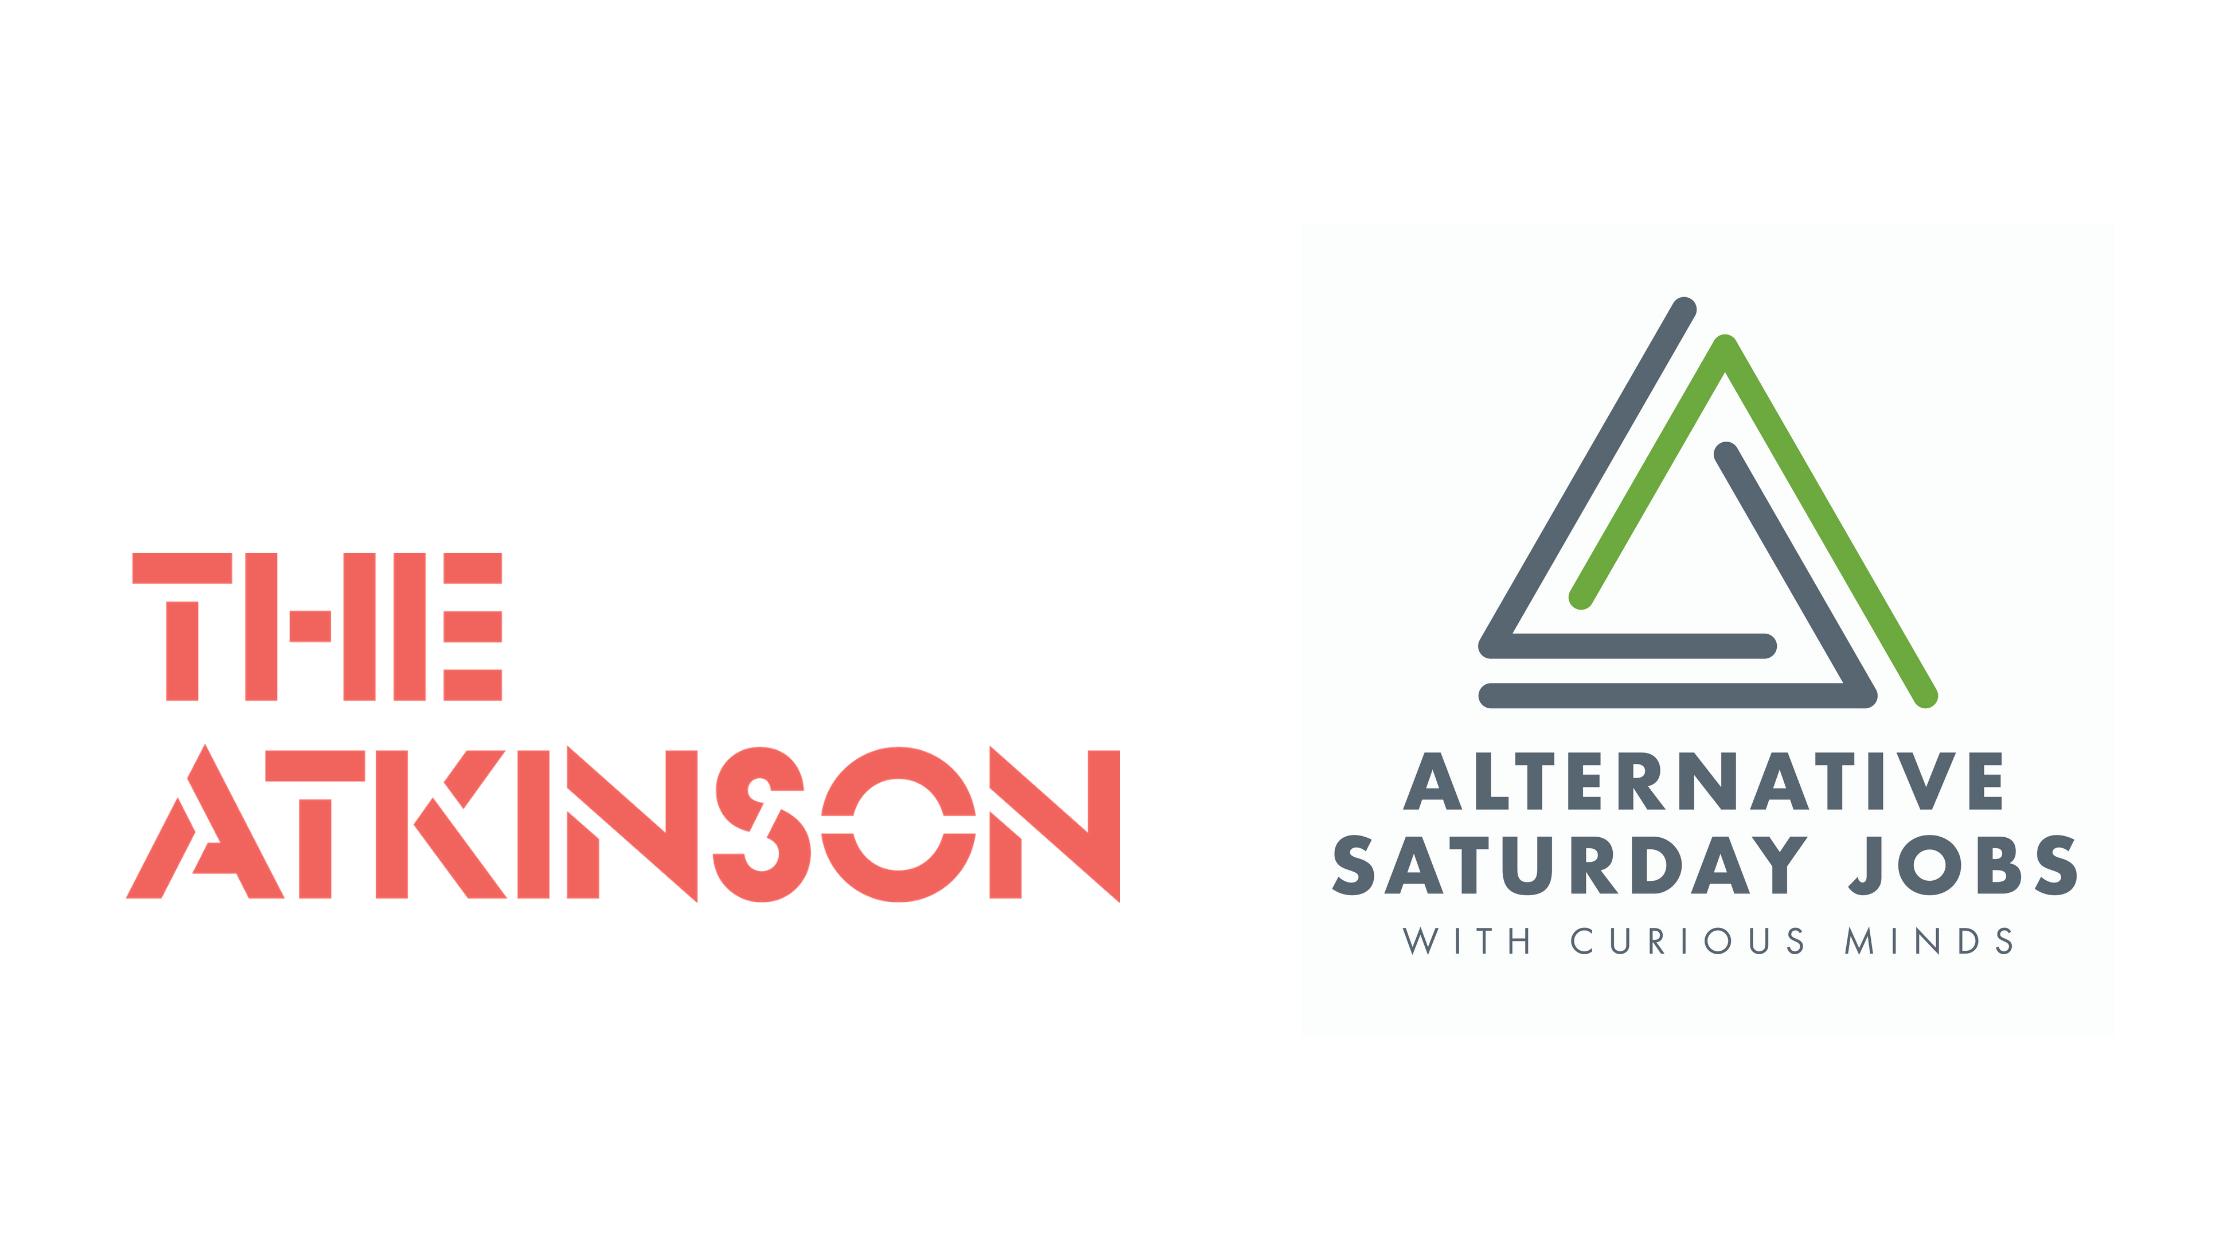 The Atkinson logo and Alternative Saturday Jobs logo